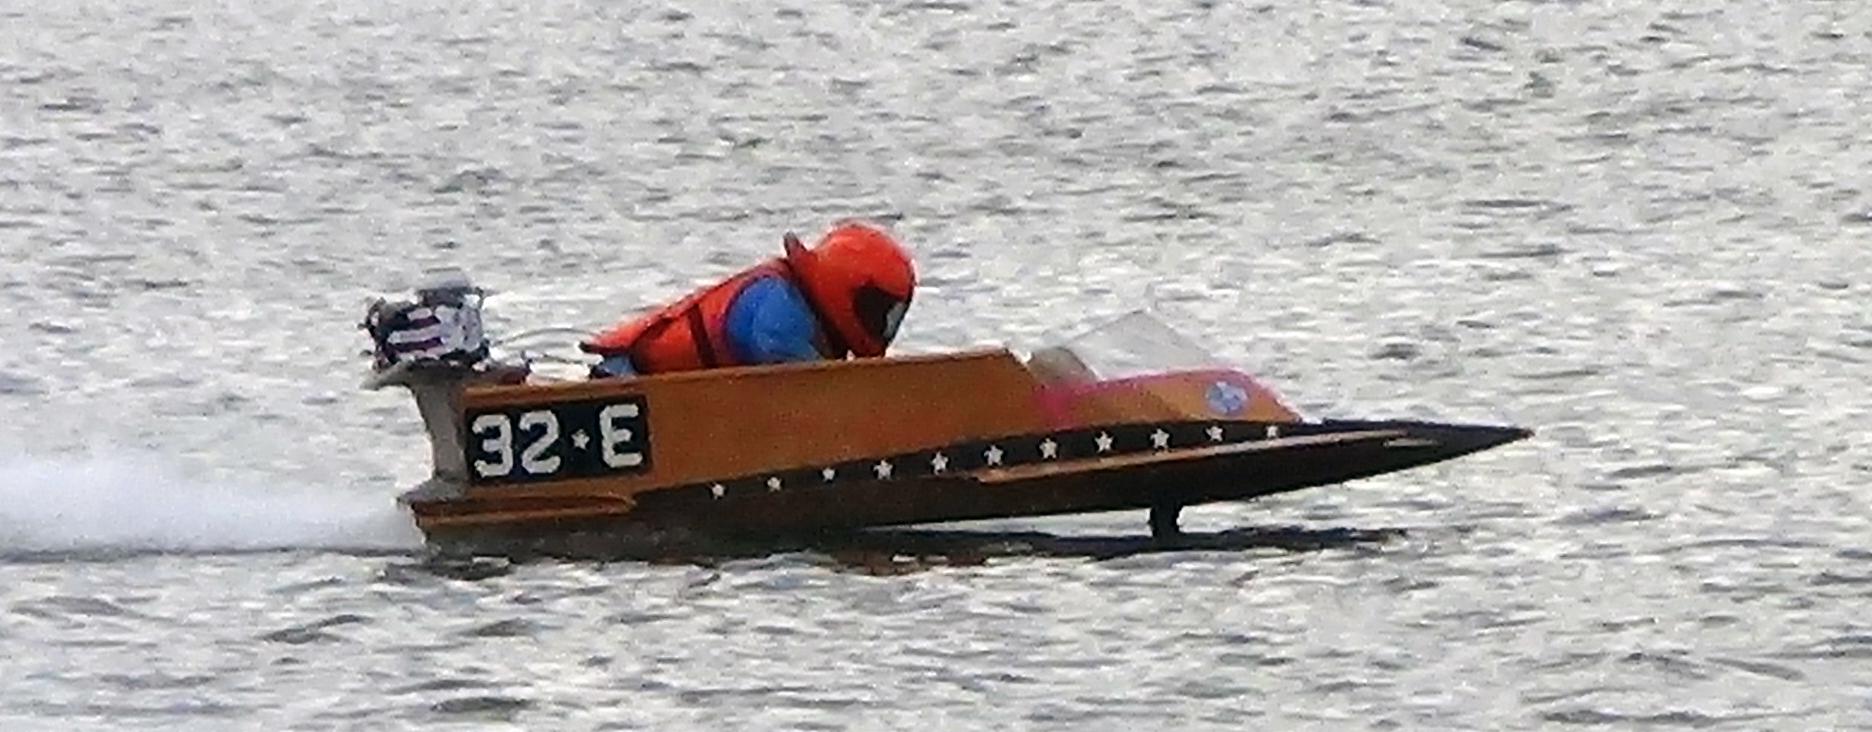 Vintage OUTBOARD motor boat racing! | D.B.R.C. RACING